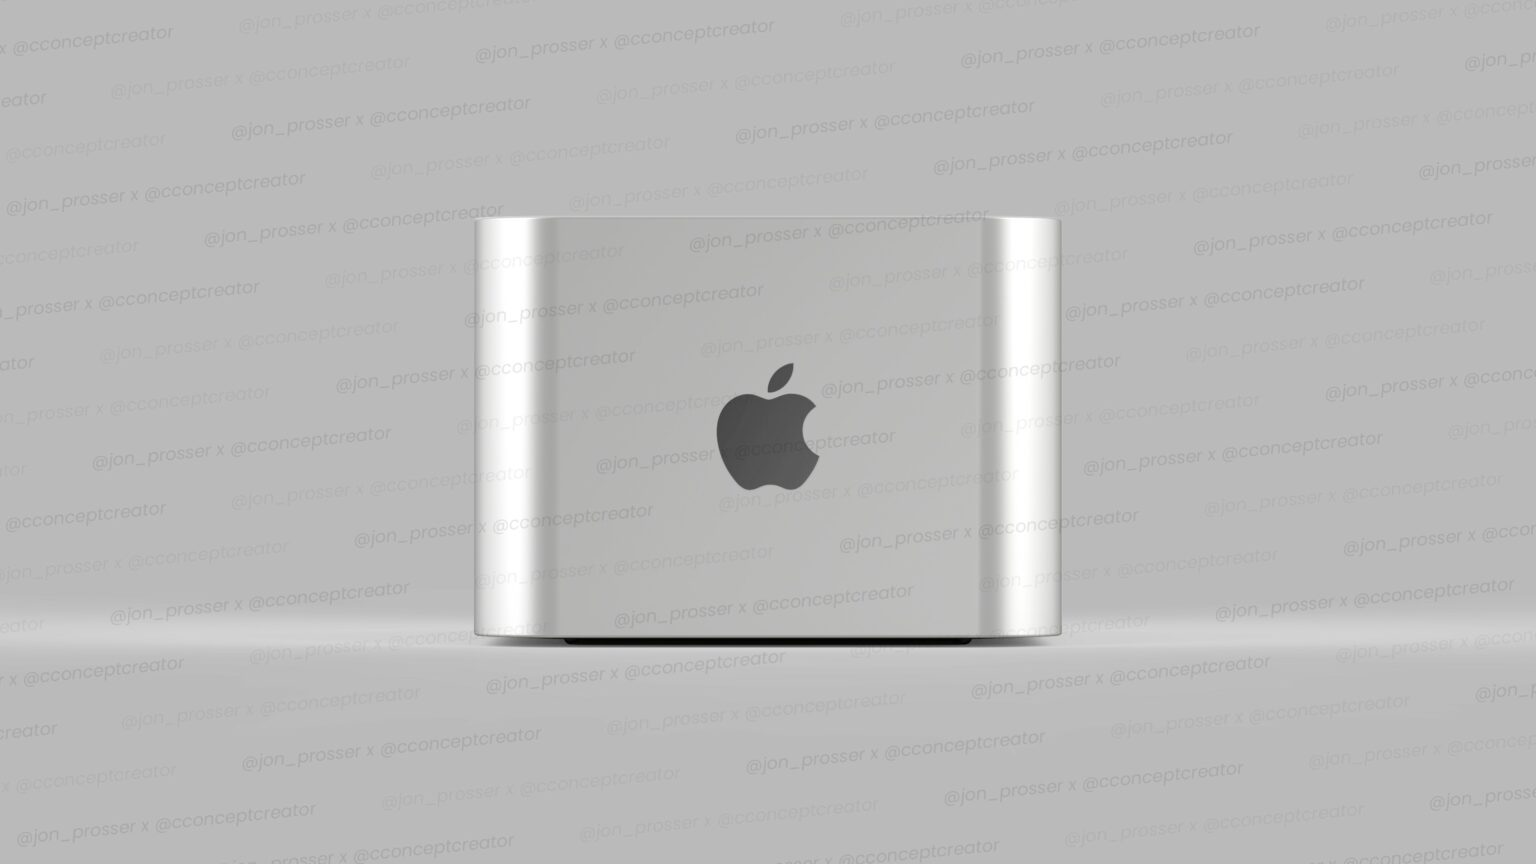 Mac mini Pro